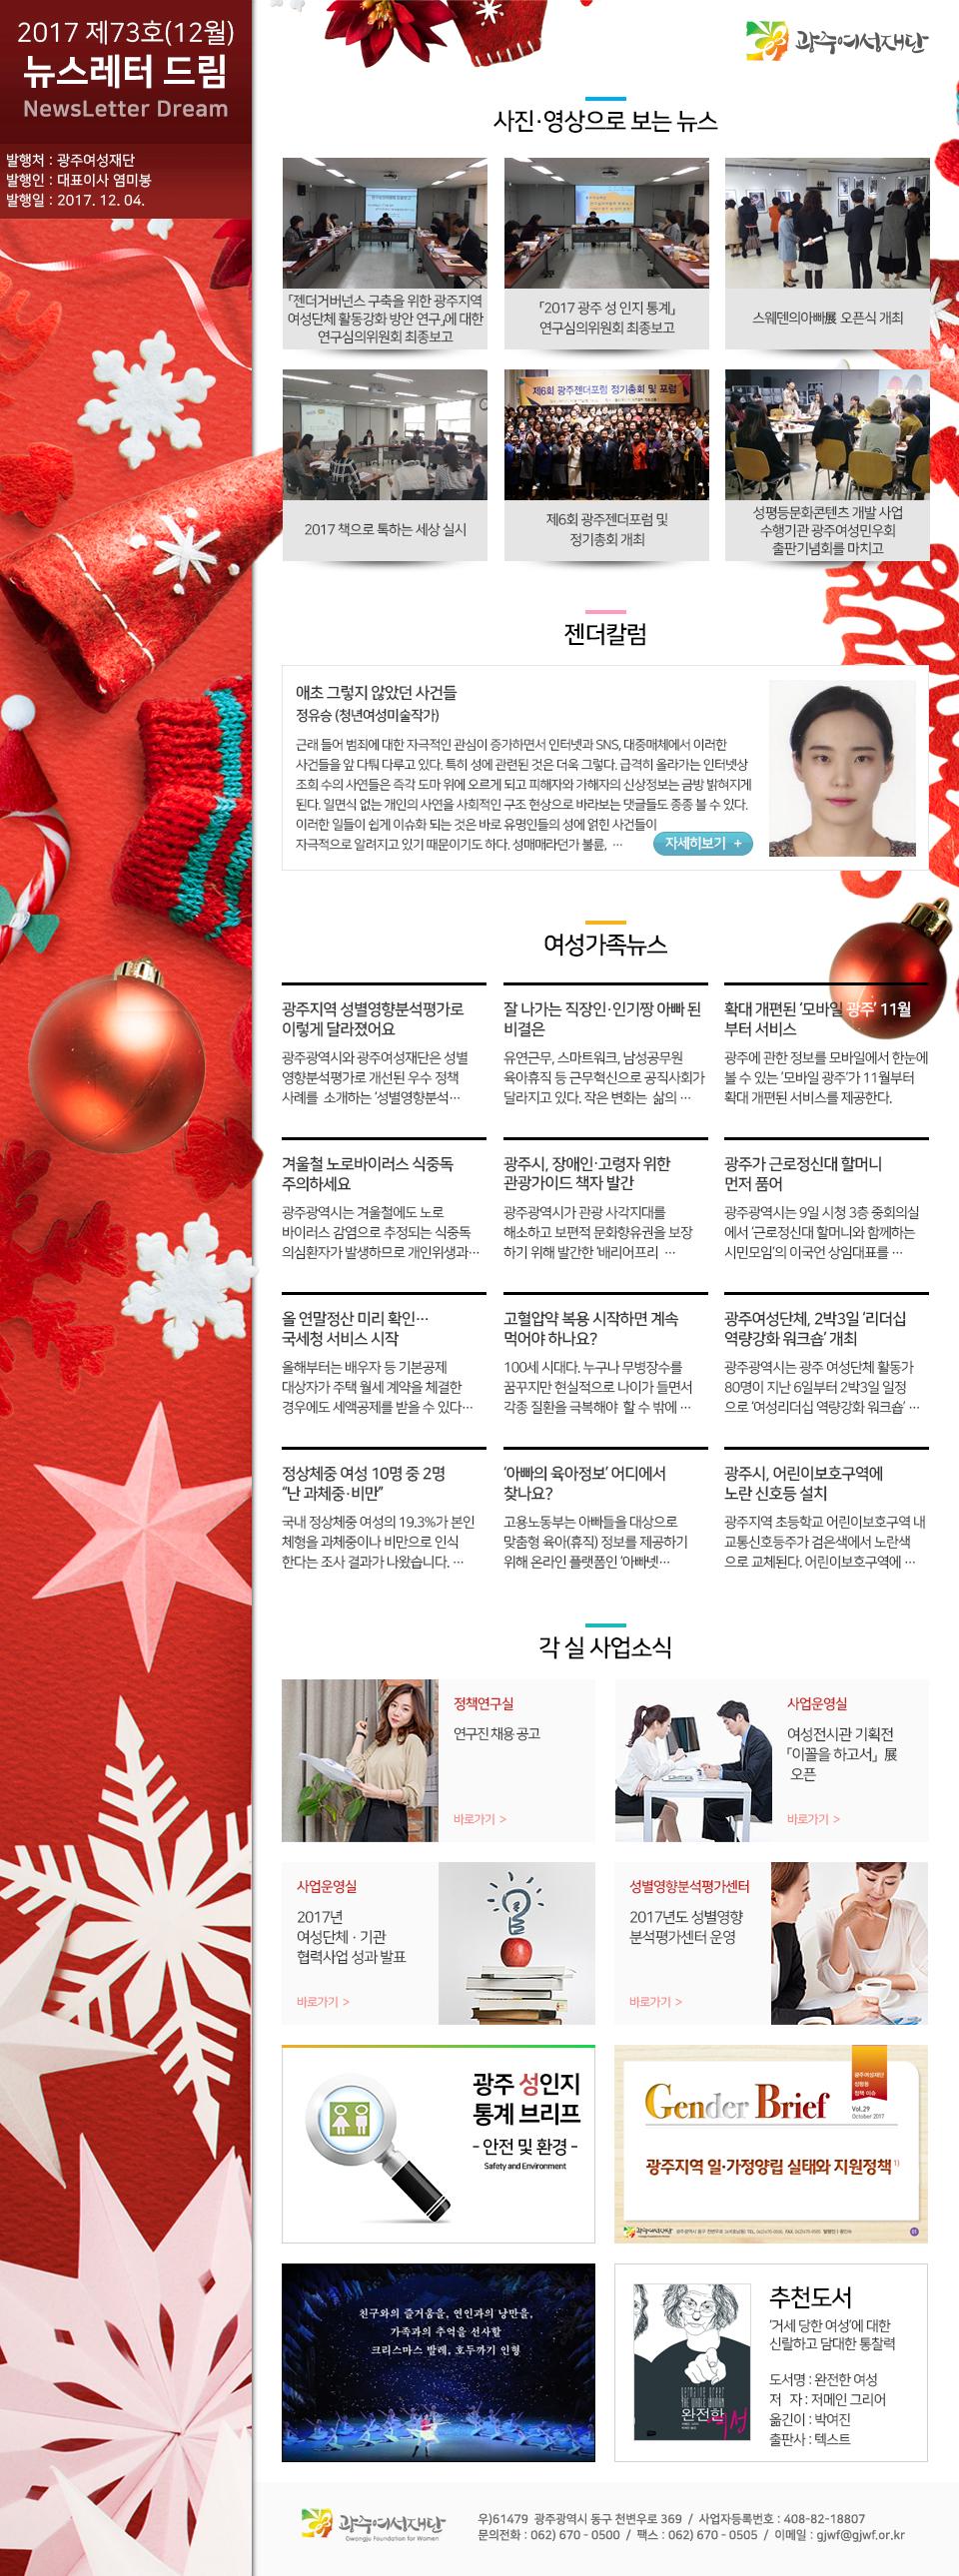 뉴스레터 드림 73호(17.12월)